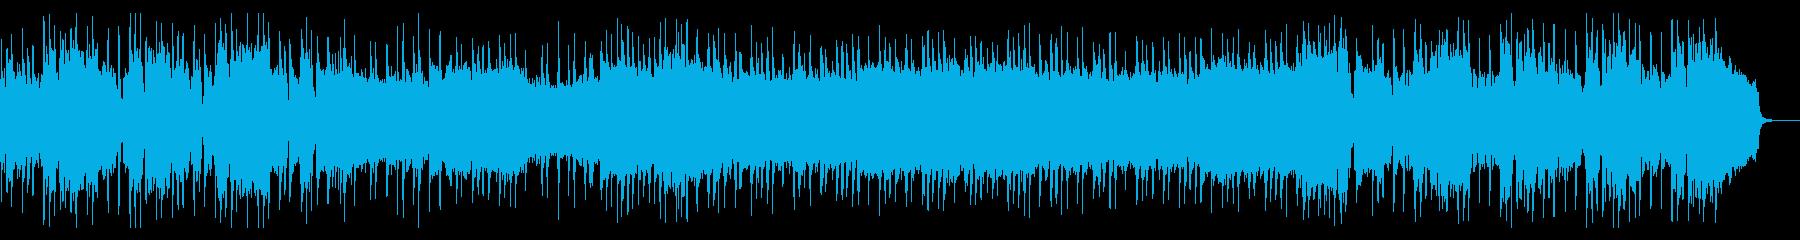 オープニング感あるポップ・ロックの再生済みの波形